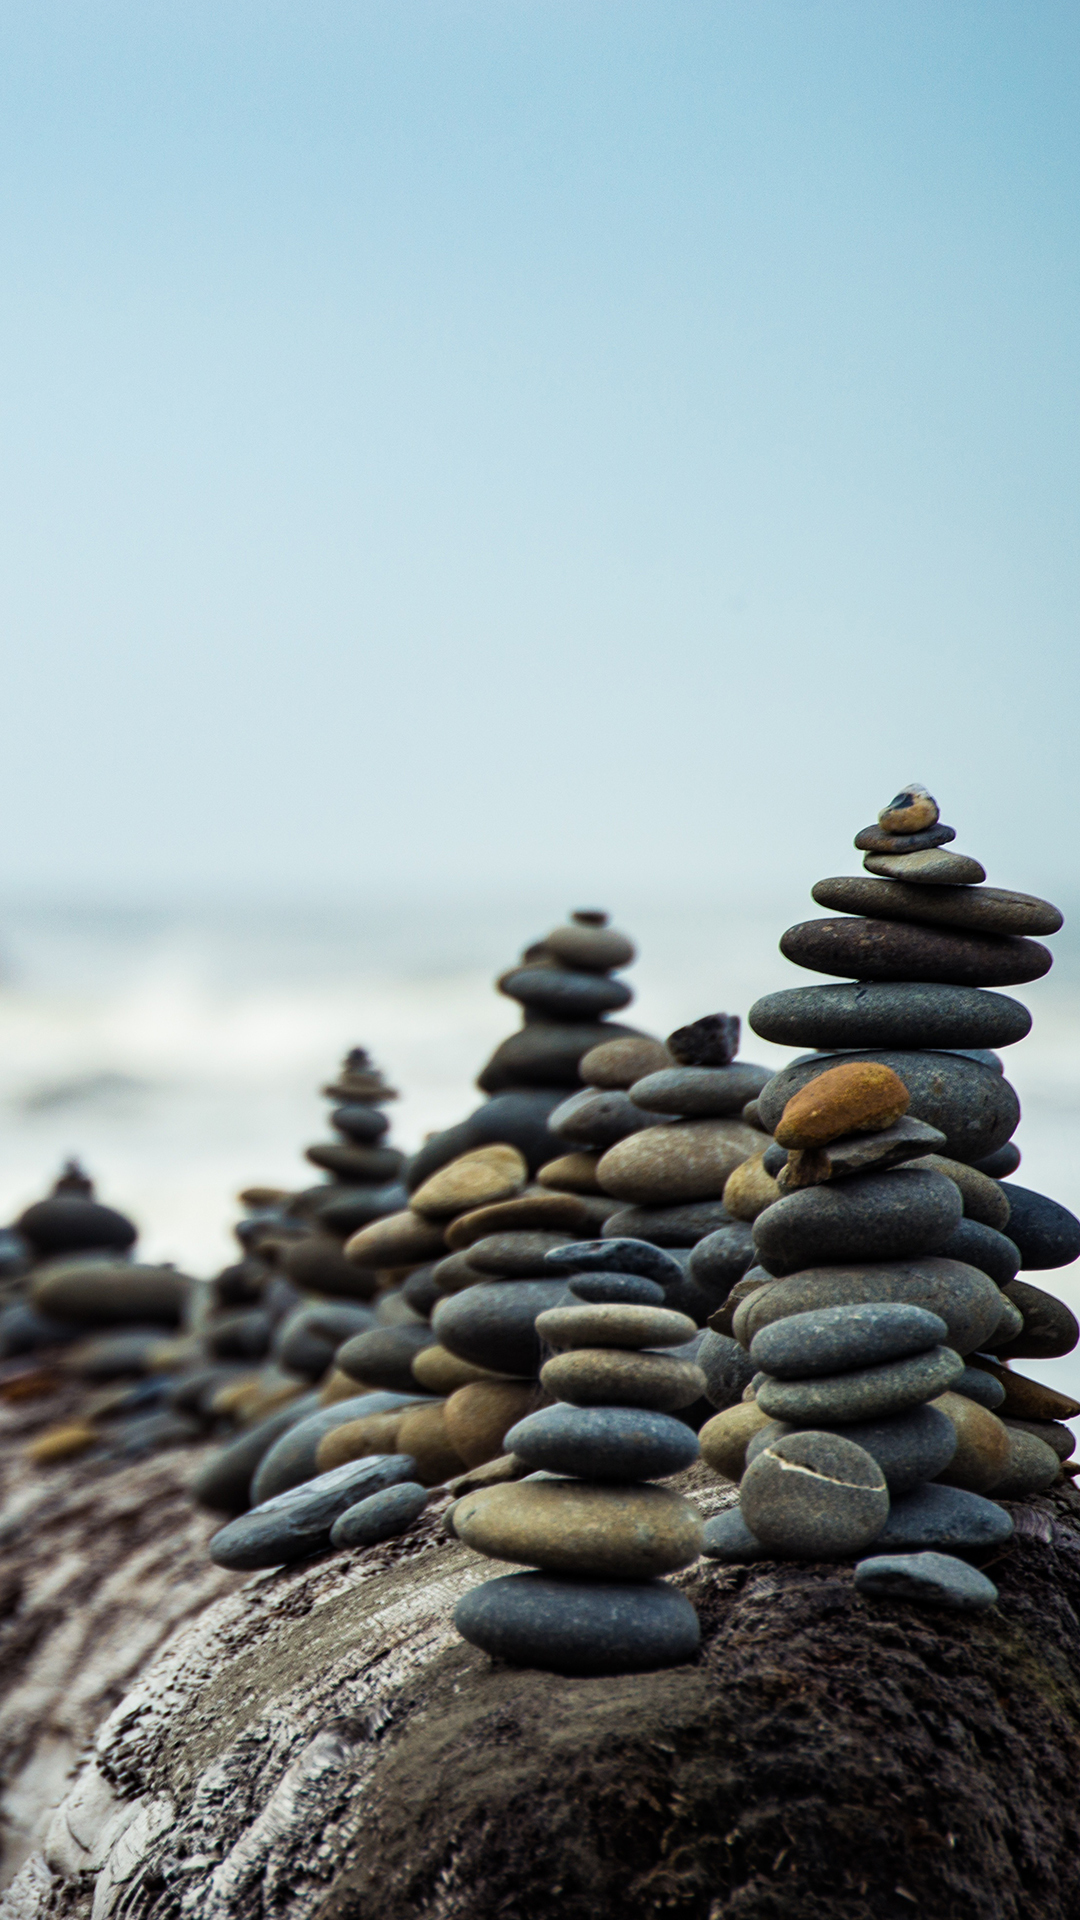 ocean-stones-4475